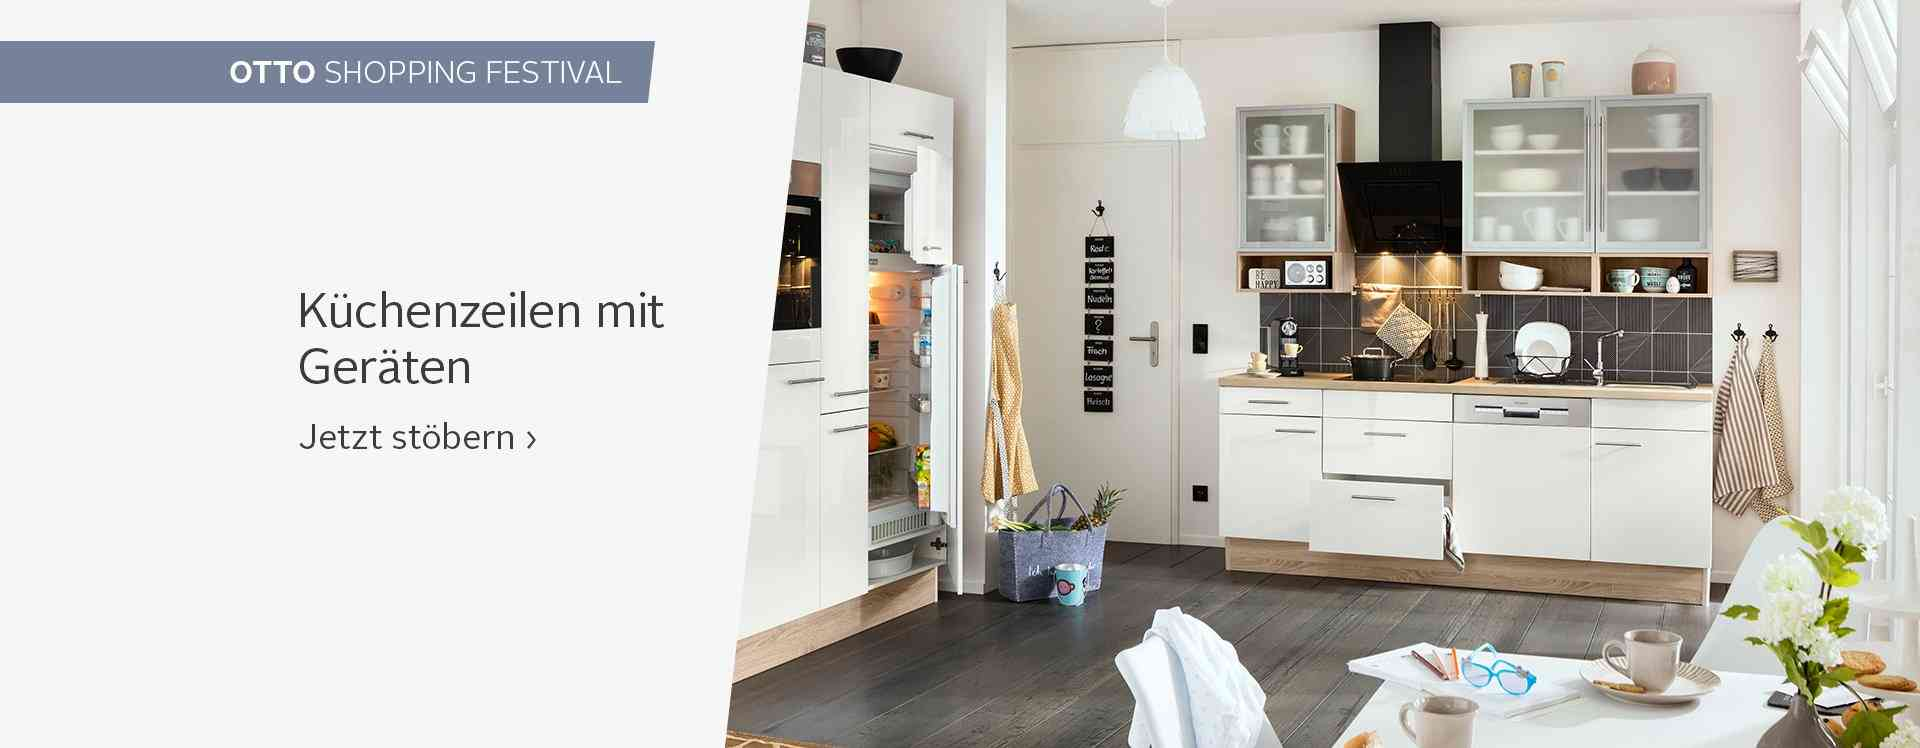 k cheneinrichtung online kaufen modern landhaus otto. Black Bedroom Furniture Sets. Home Design Ideas